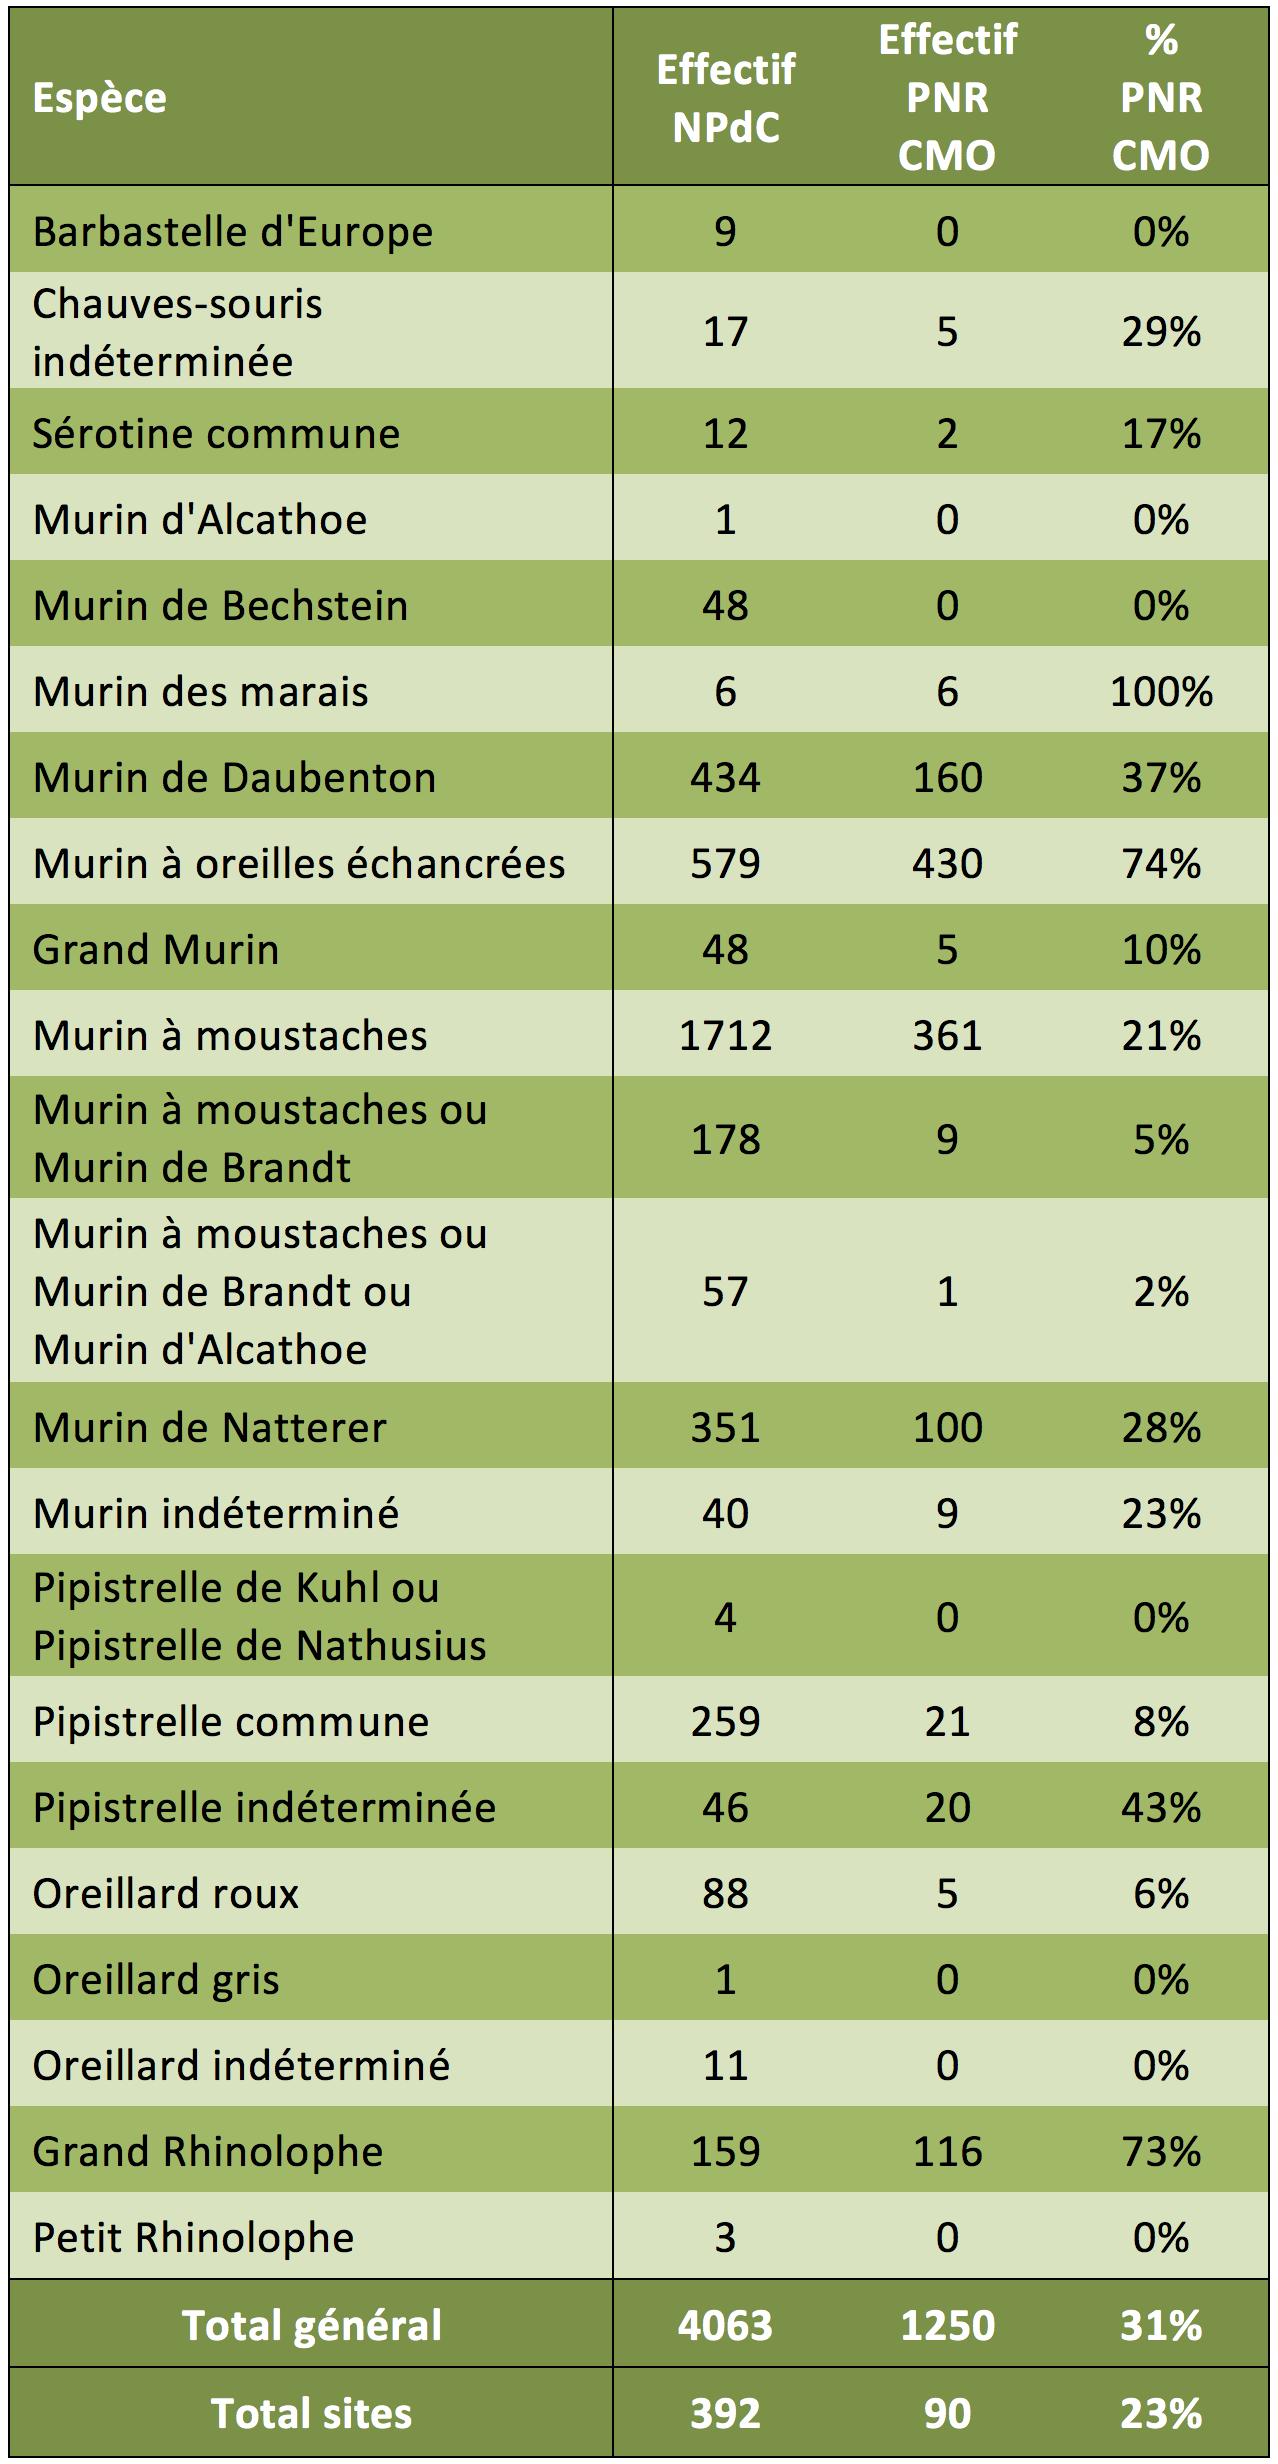 Comparaison des effectifs totaux des chauves-souris inventoriées en hibernation en 2016, entre le territoire du Nord - Pas-de-Calais et le Parc (source: CMNF, 2017)